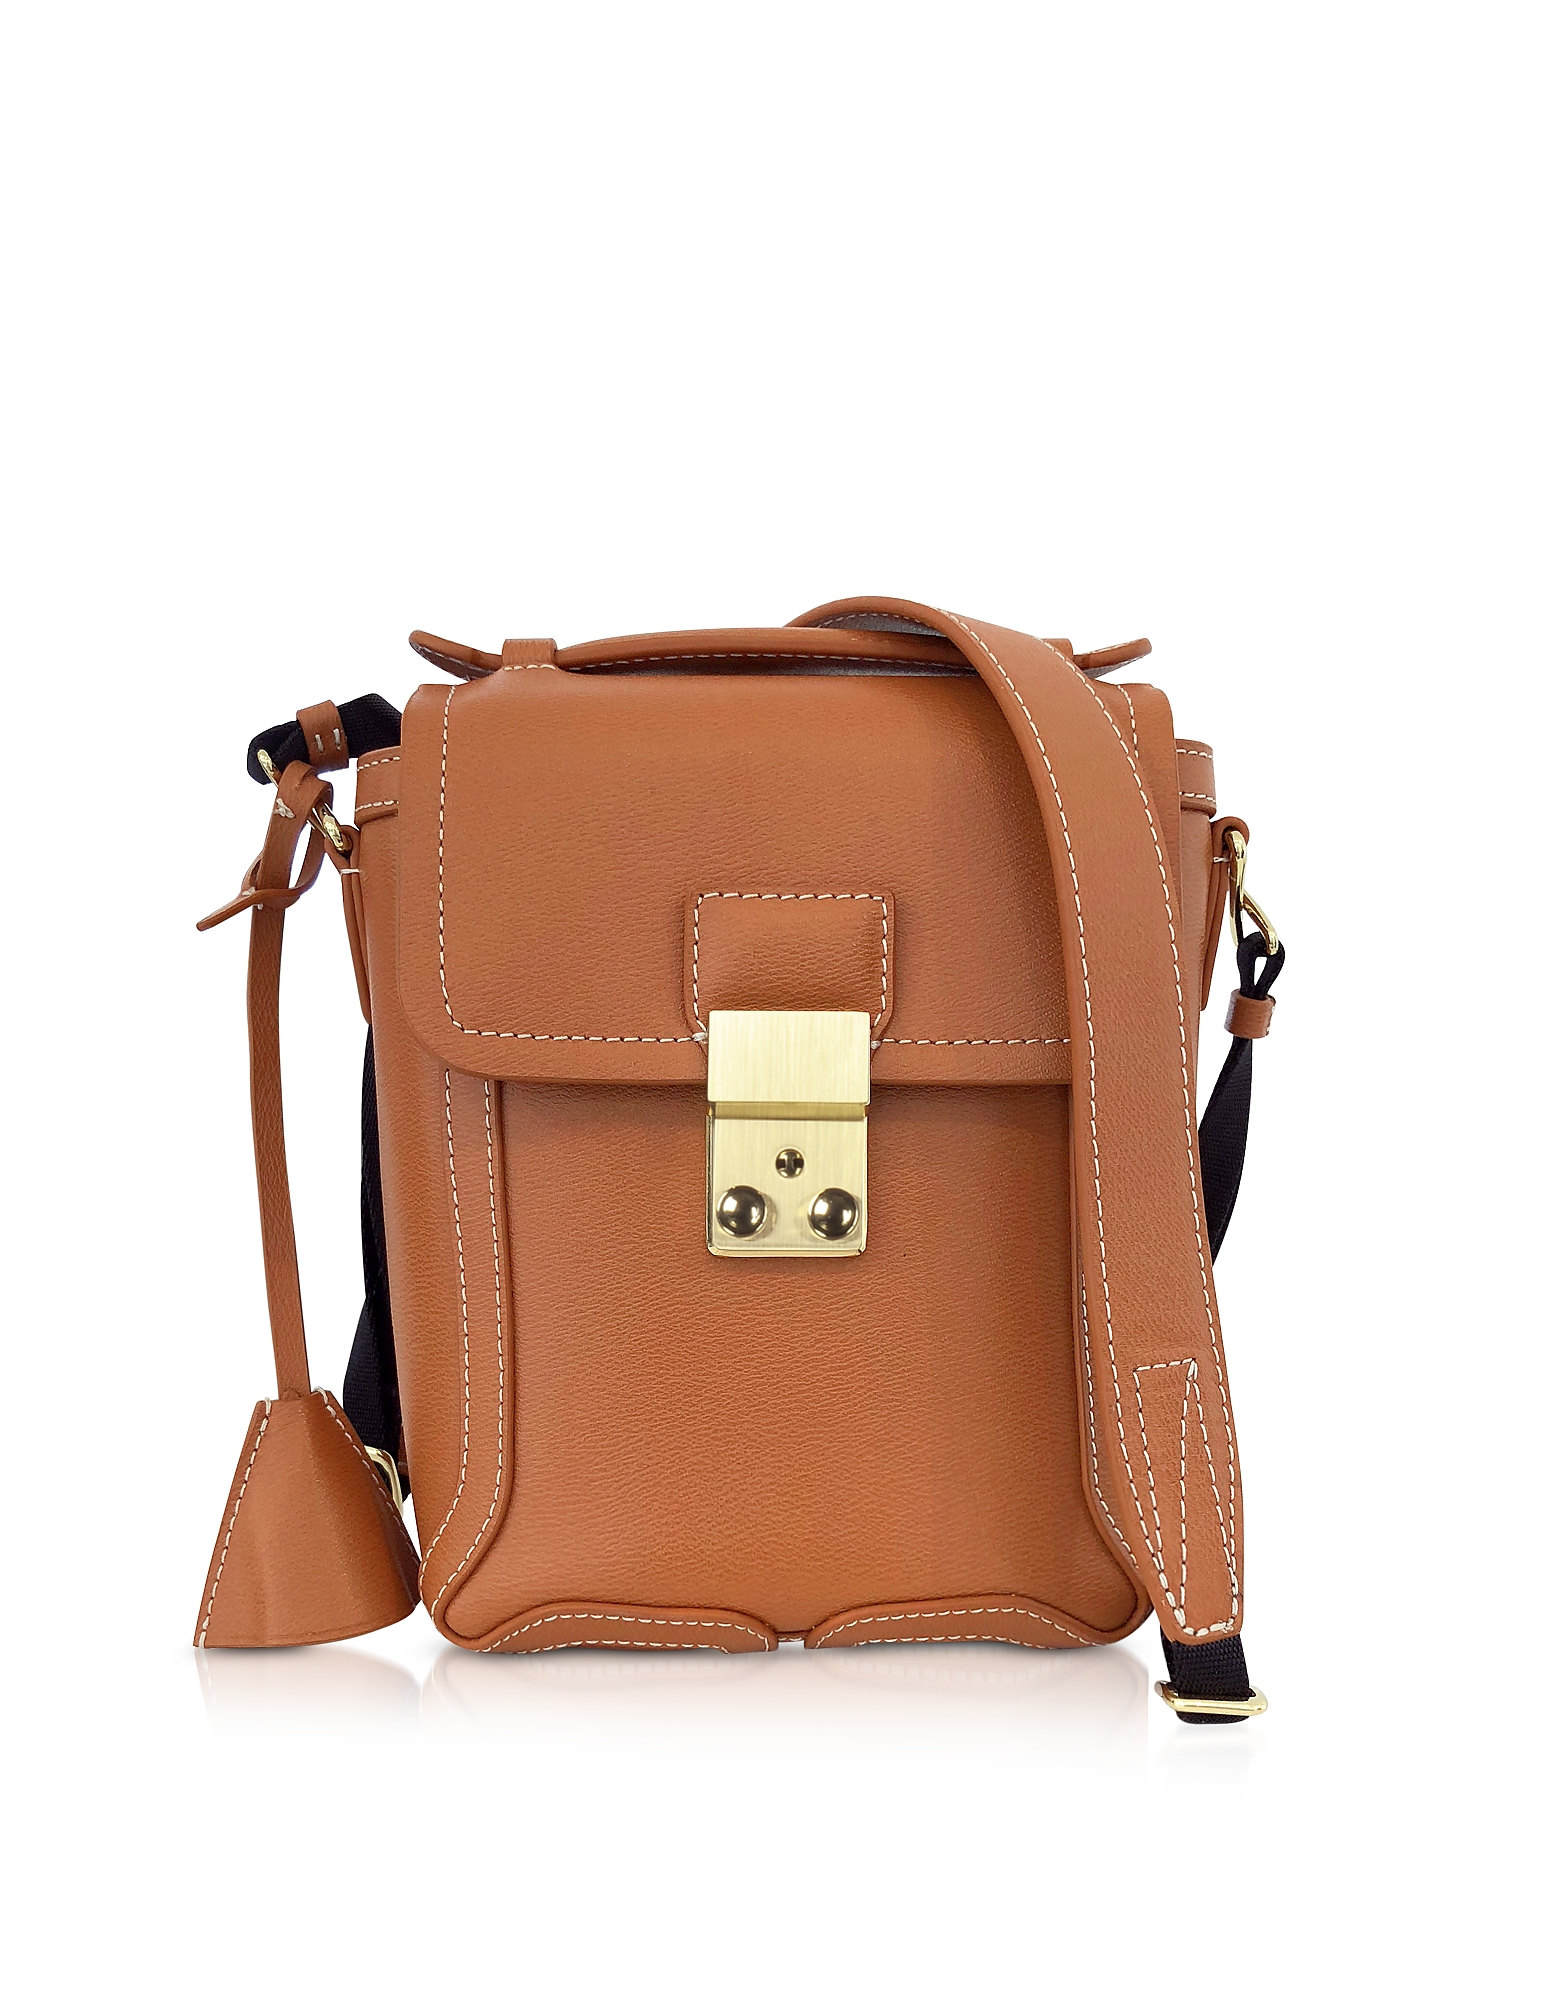 Pashli Camera Bag